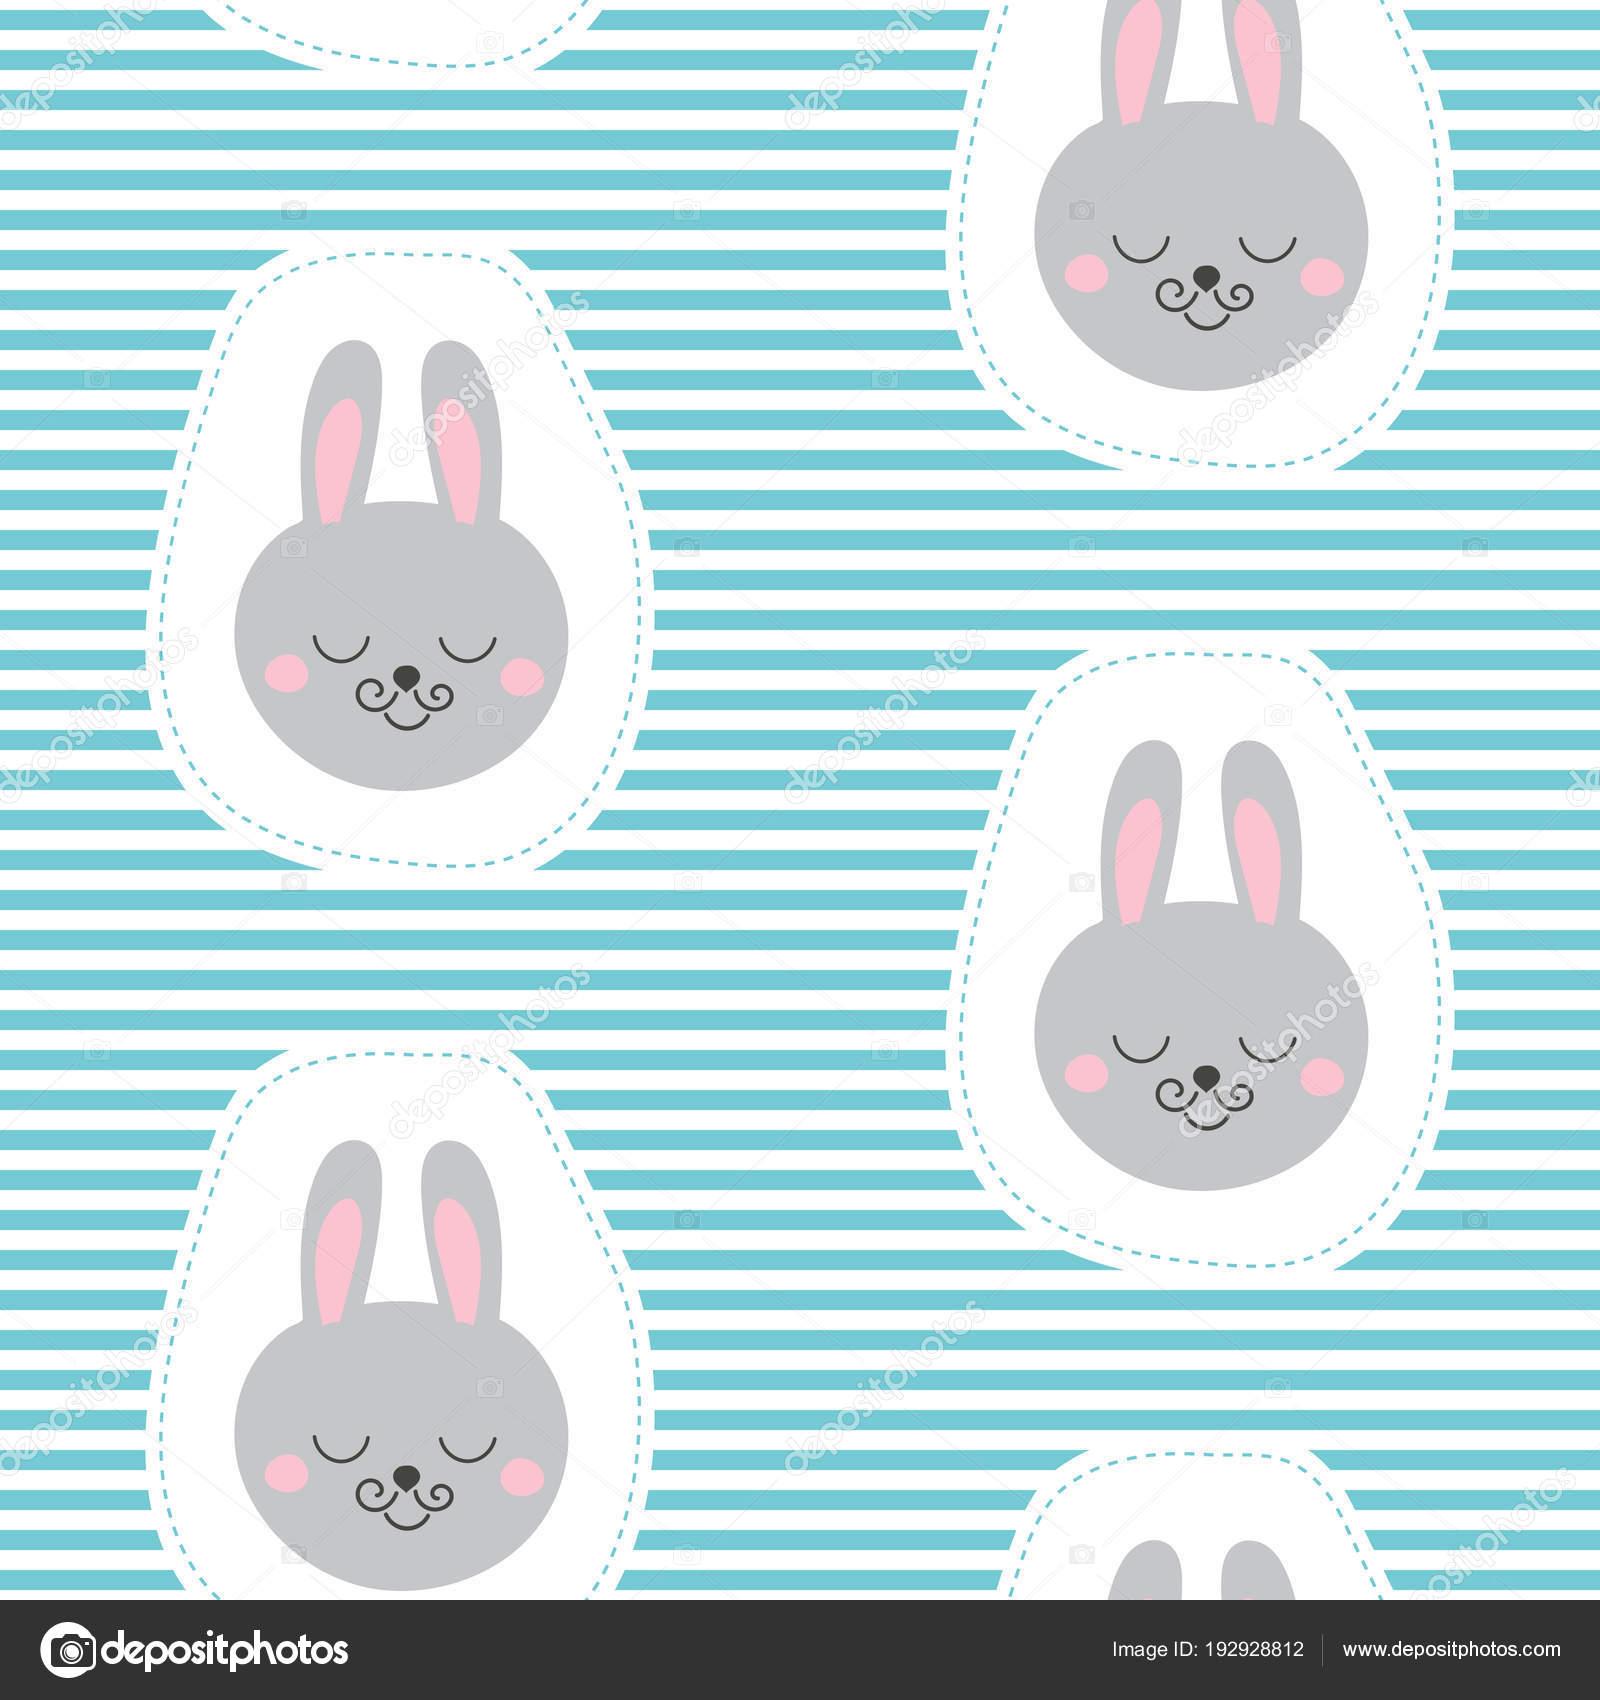 396fef57d Dibujos animados niño animales impresión vector transparente. Fondo niños  con divertido conejo cara parches para la ropa